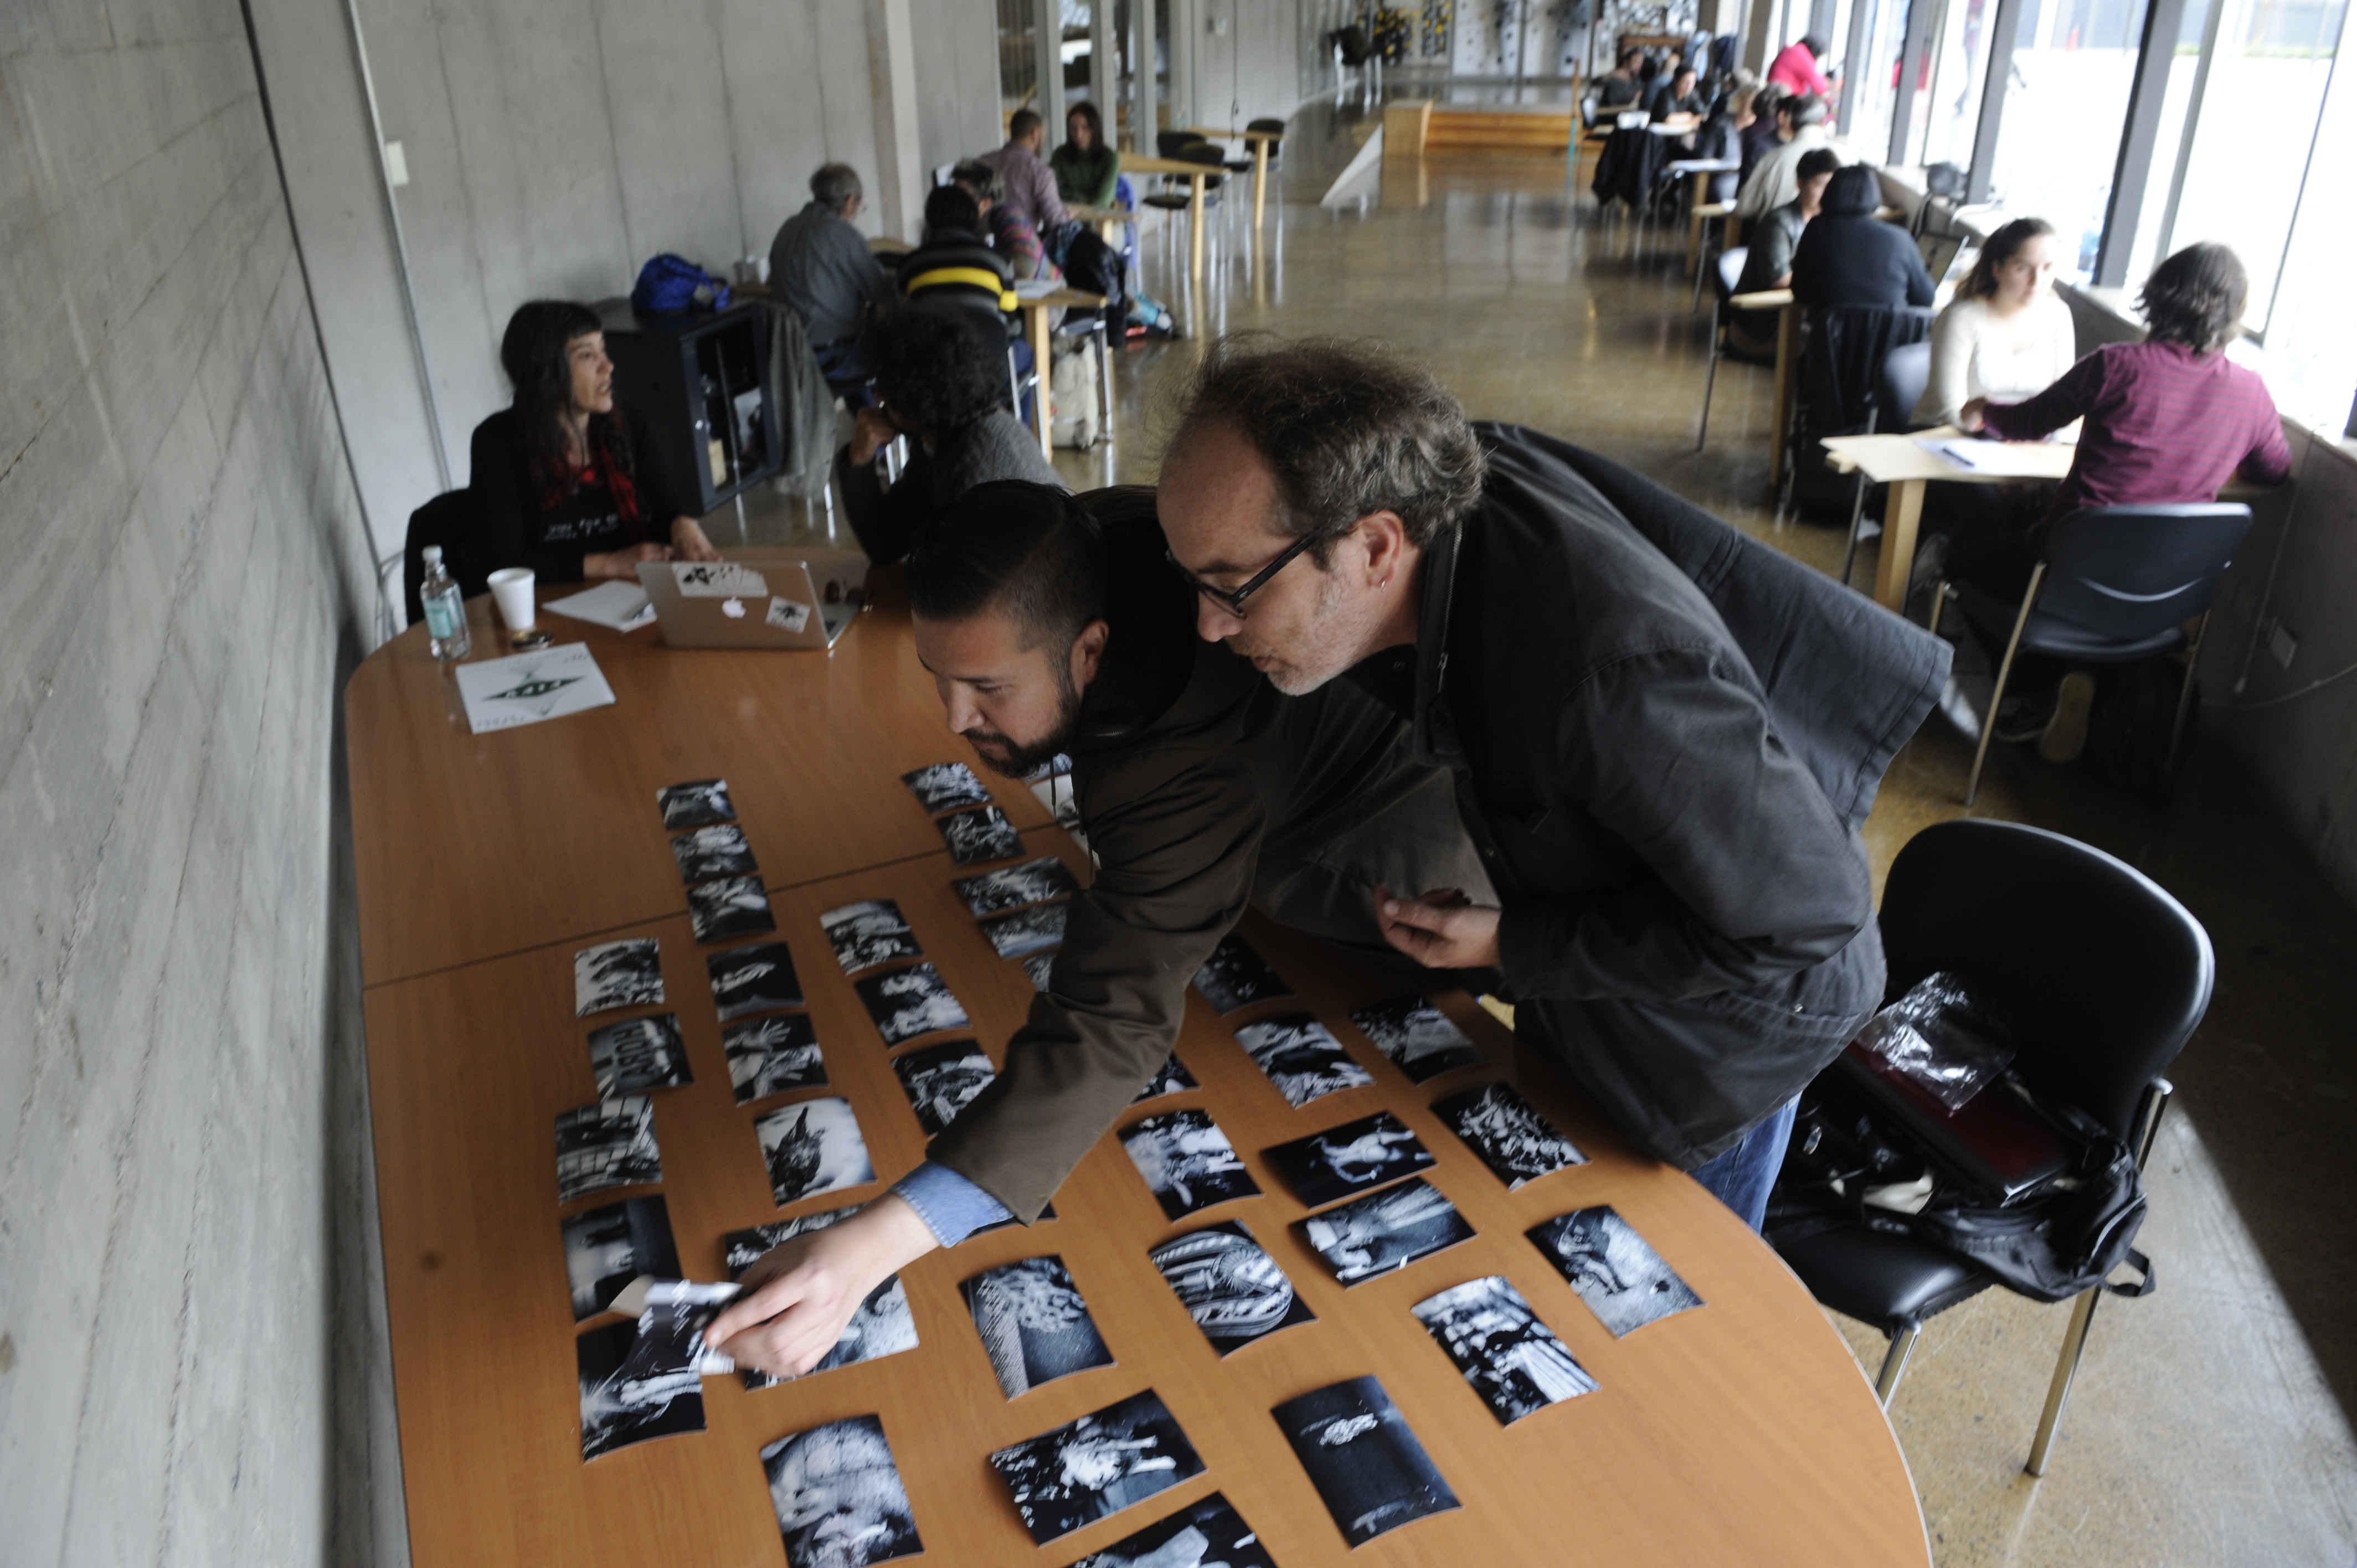 Maestros de la imagen inician revisión de portafolios en la 7ª edición del Festival Internacional de Fotografía en Valparaíso FIFV 2016. ©Victor Ruiz Caballero